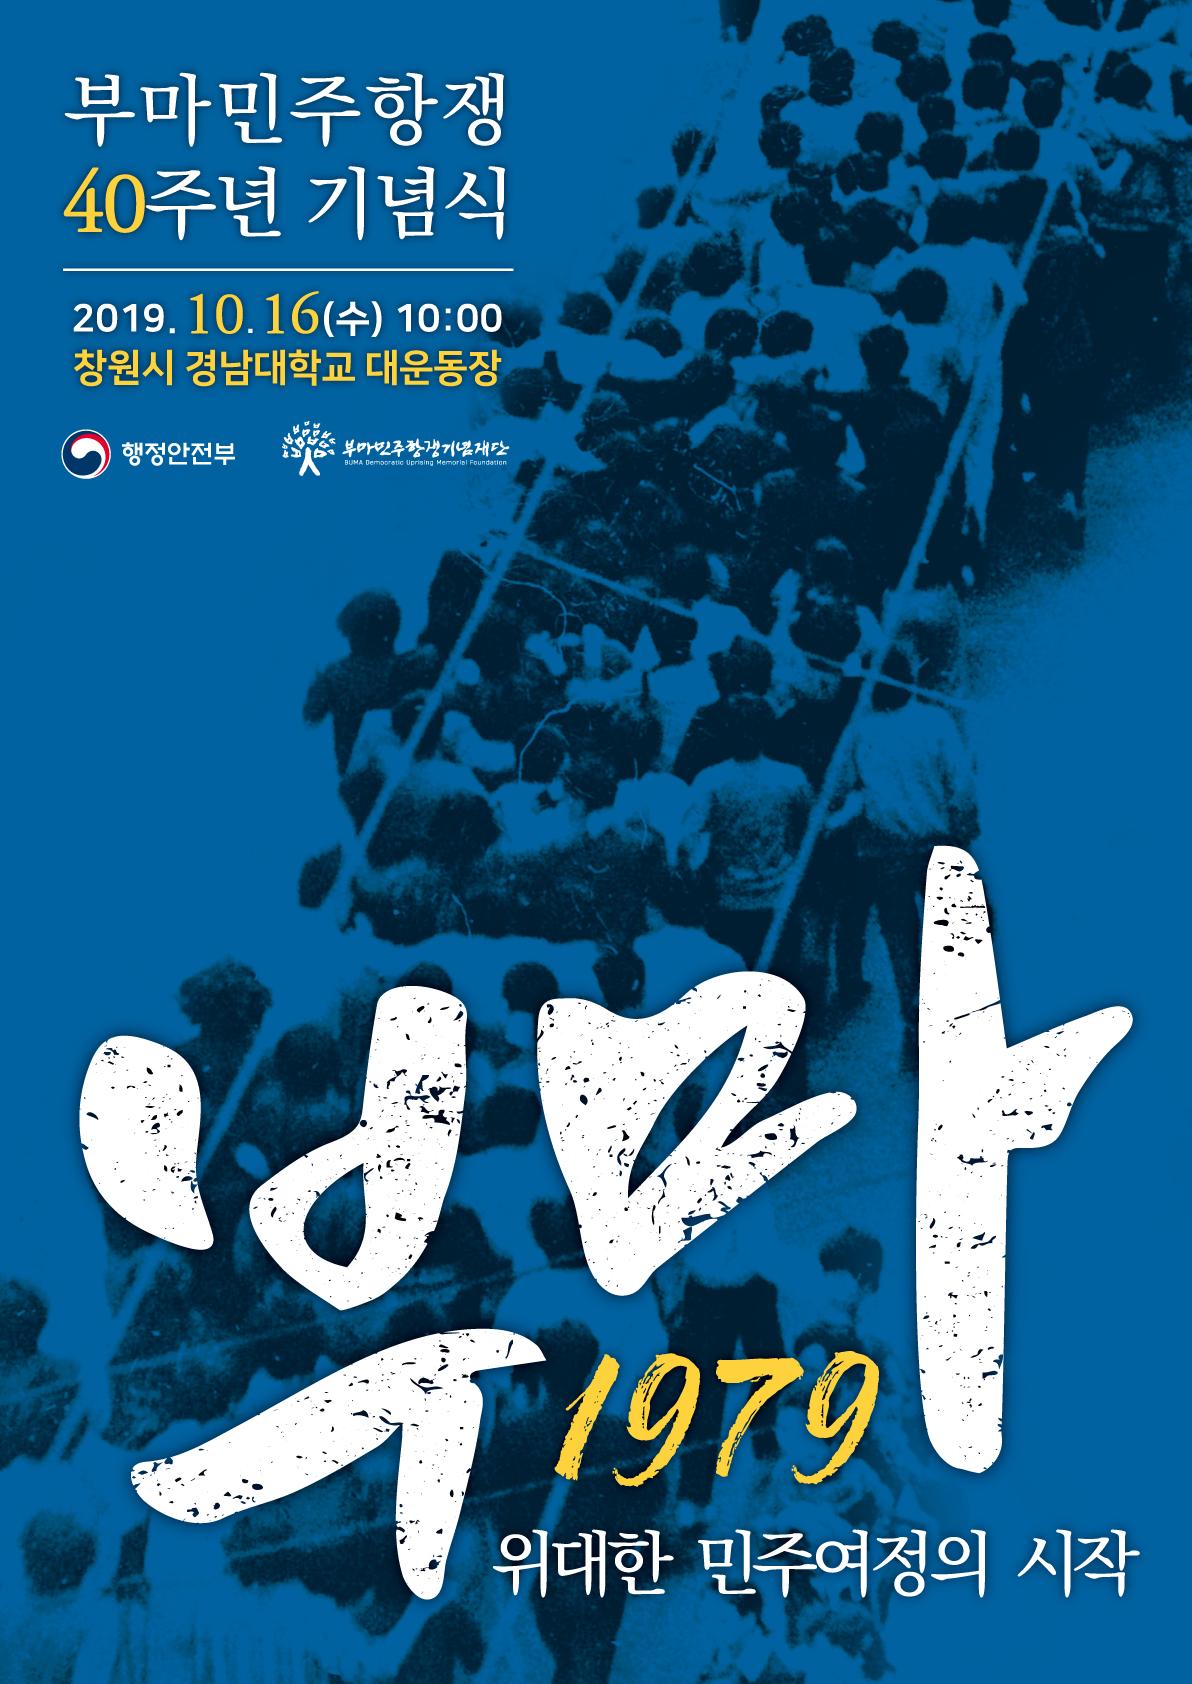 제40주년 부마민주항쟁 기념식 개최